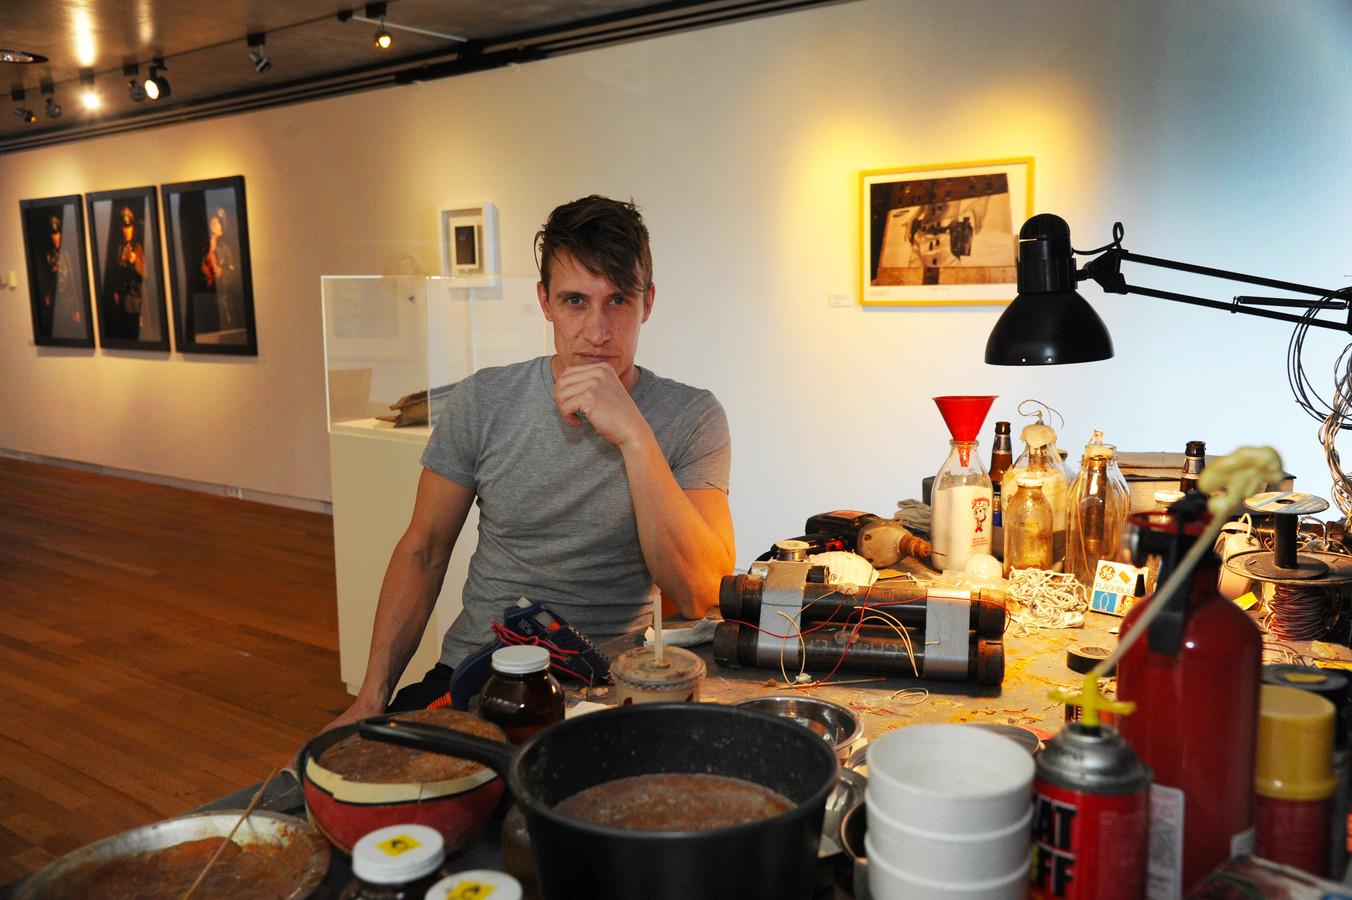 Dani Ploeger aan de 'Work Table VI' van Gregory Green op de expositie Bommen en Granaten, vanaf zaterdag te zien in het Zeeuws Maritiem MuZEEum in Vlissingen.